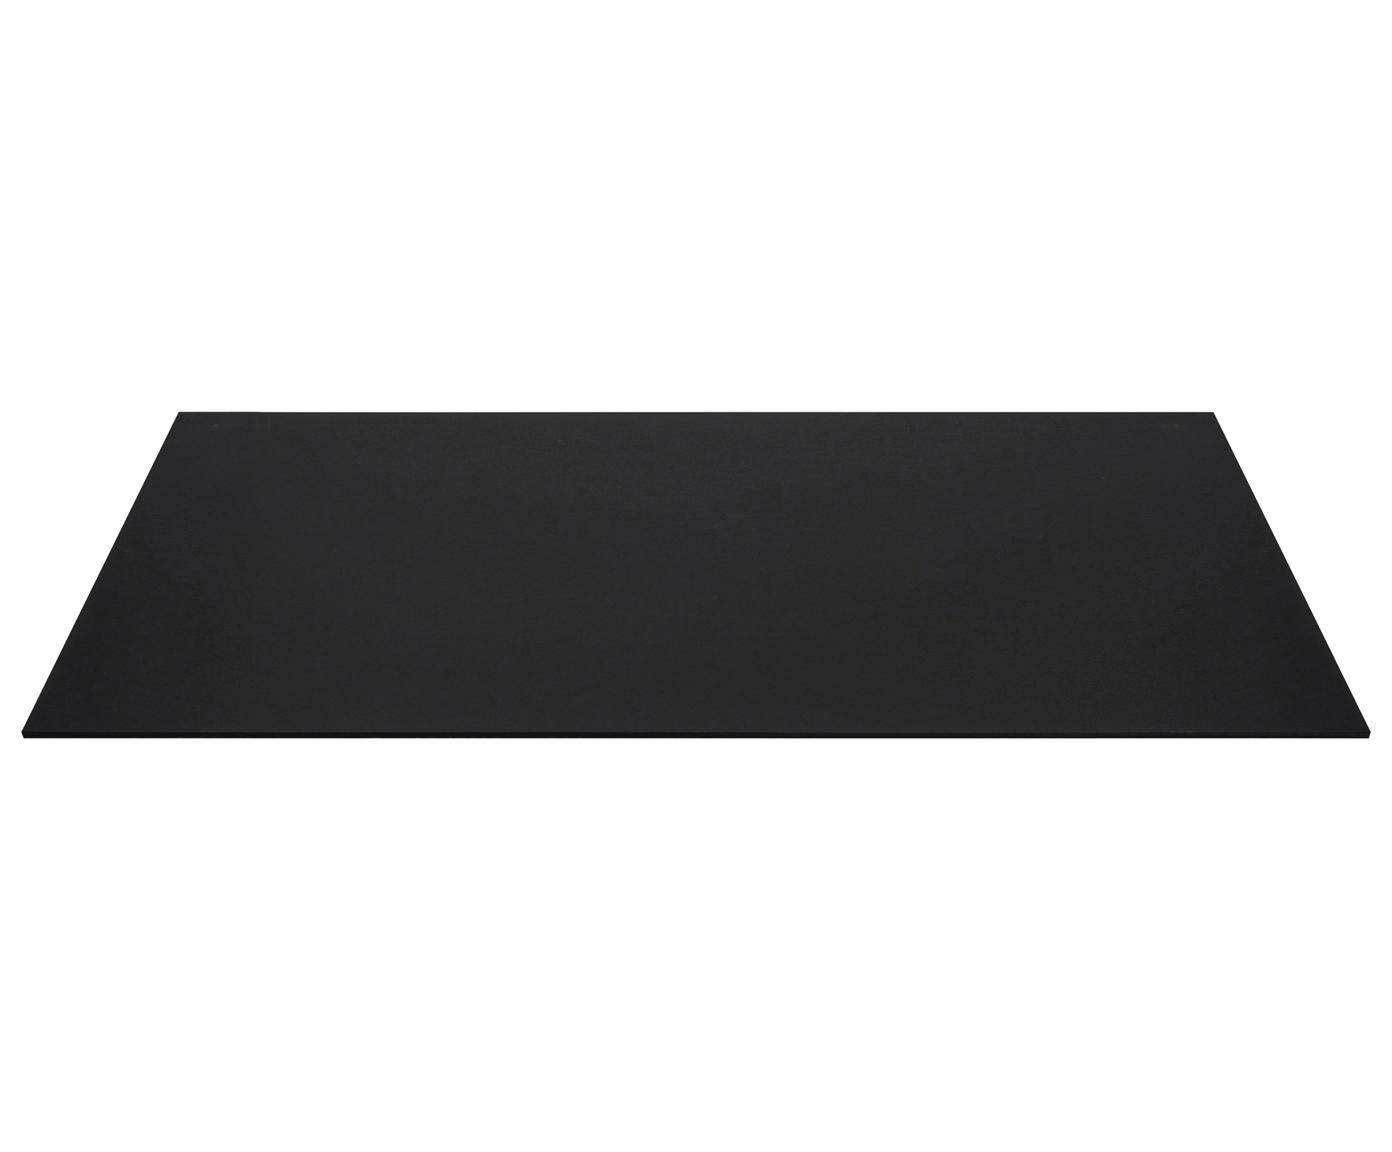 Protector de escritorio Annie, Cartón laminado macizo, Negro, An 59 x F 39 cm